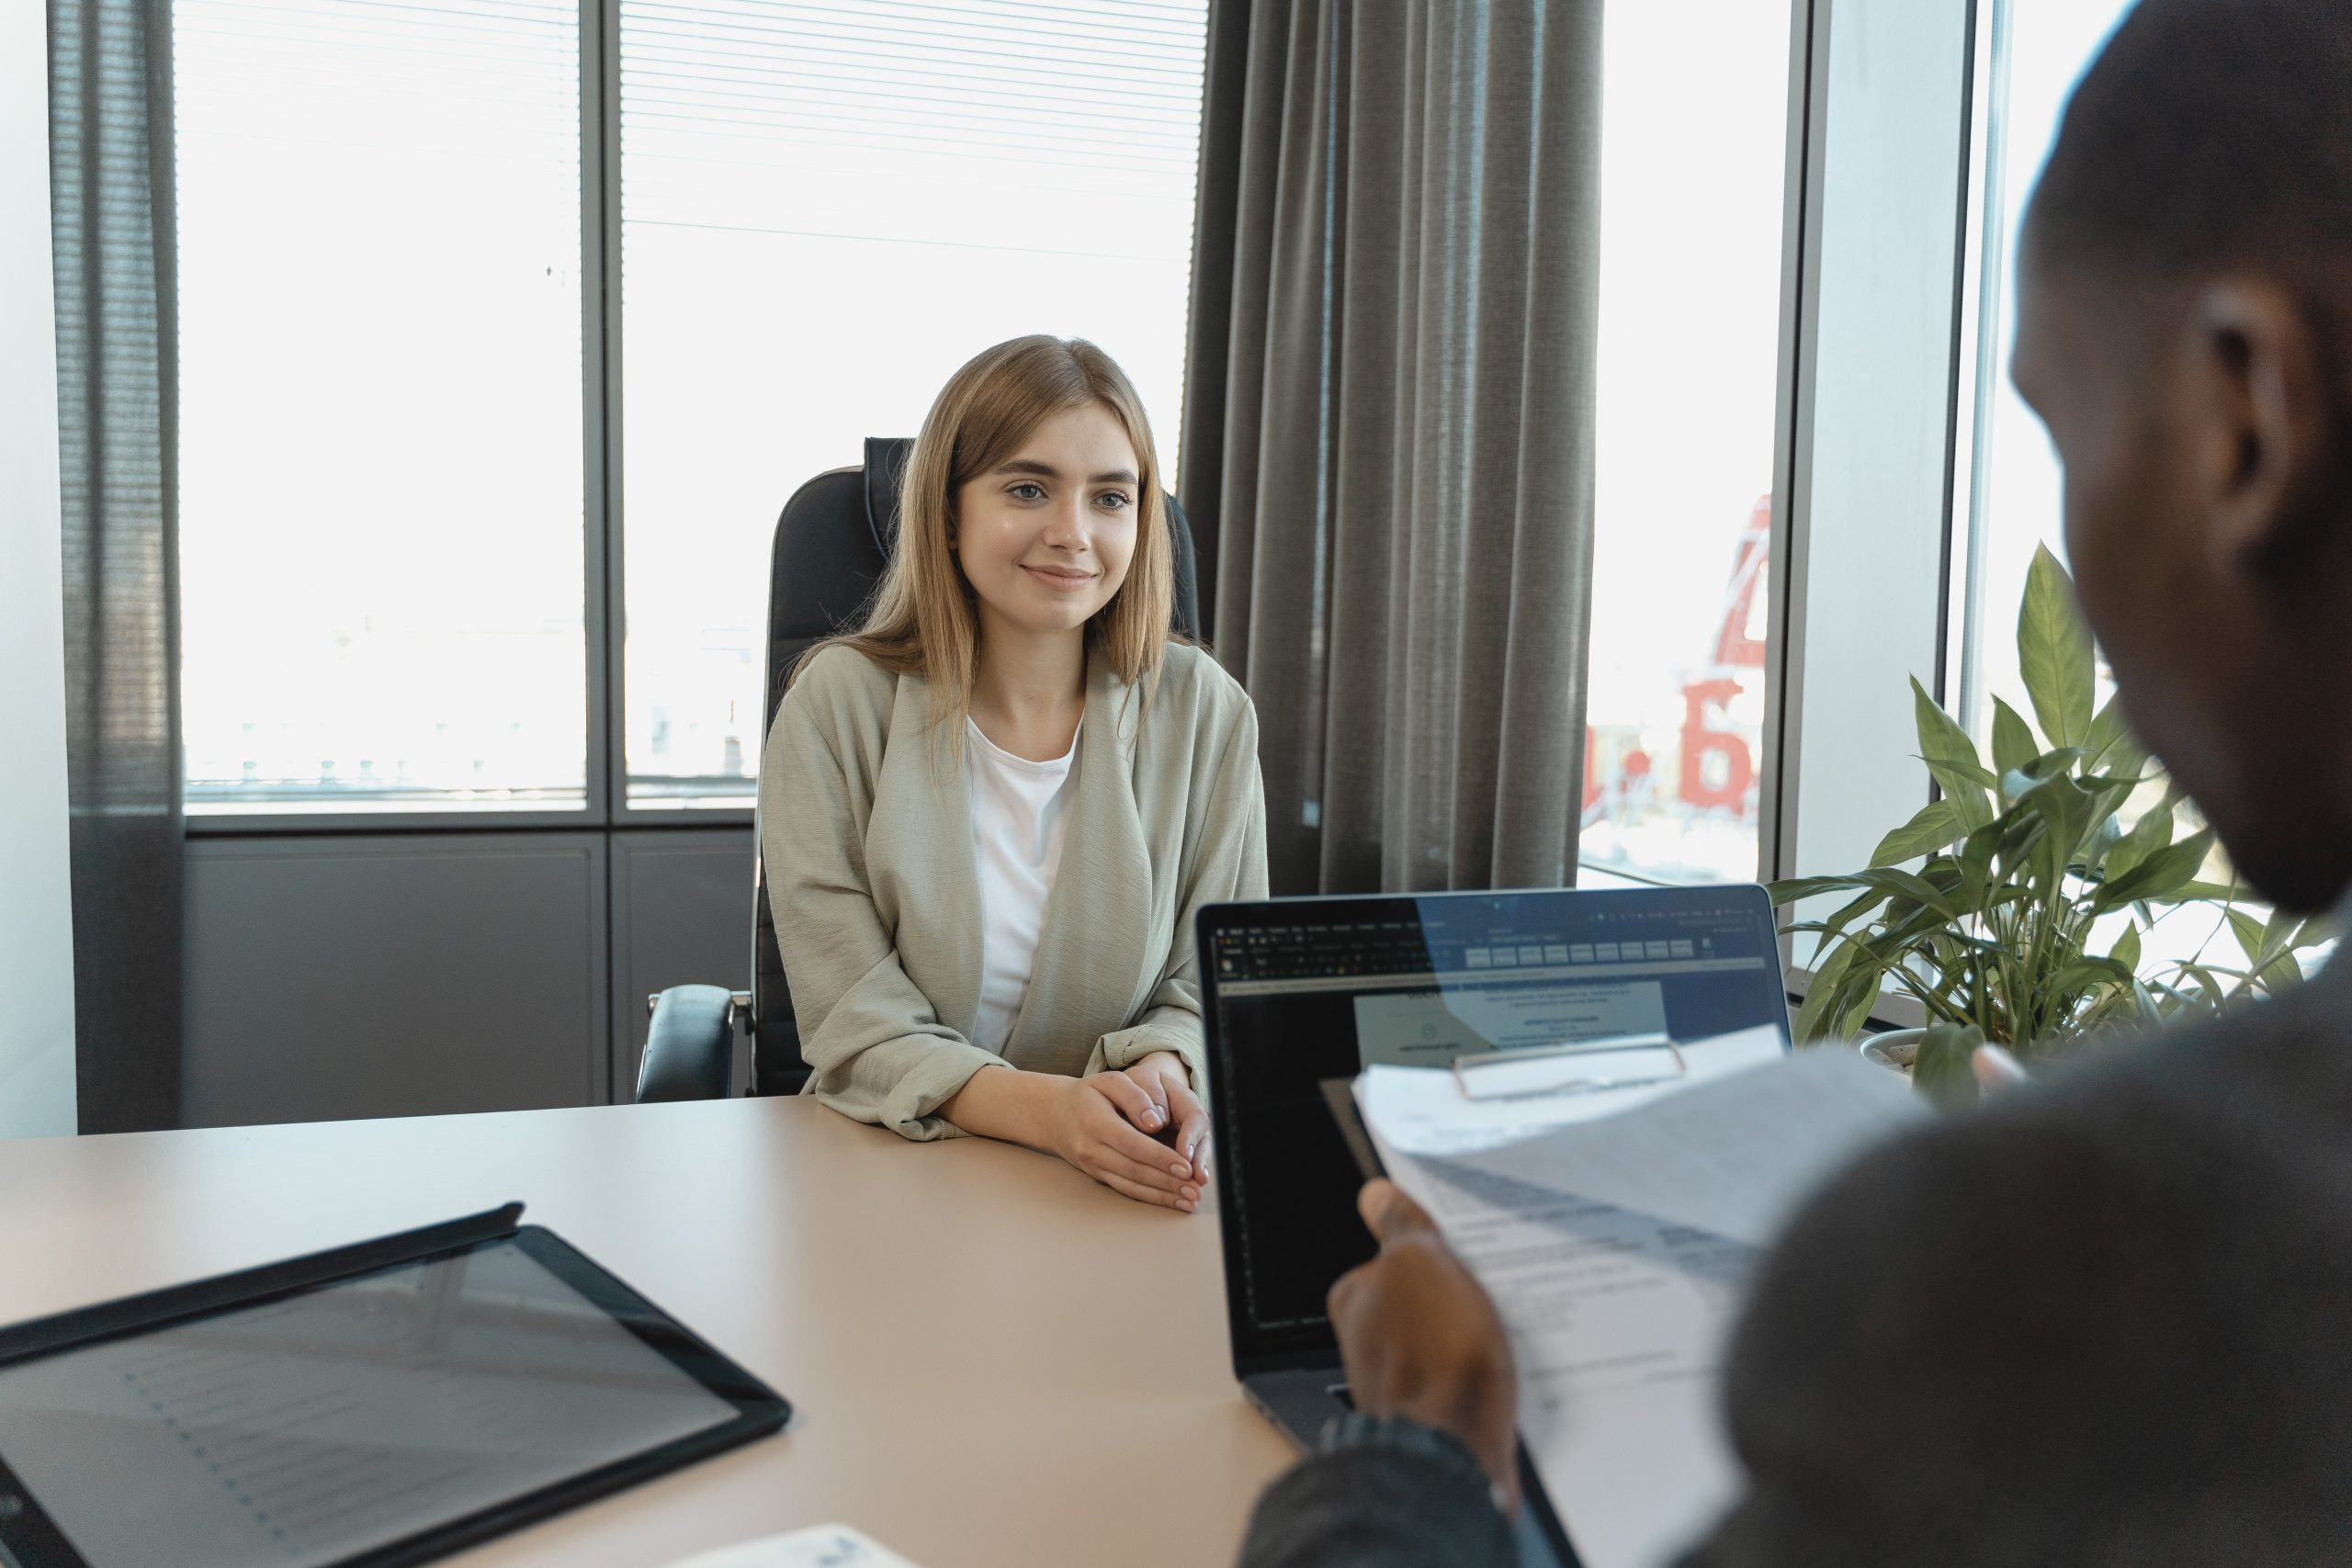 Peinados para ir a una entrevista de trabajo